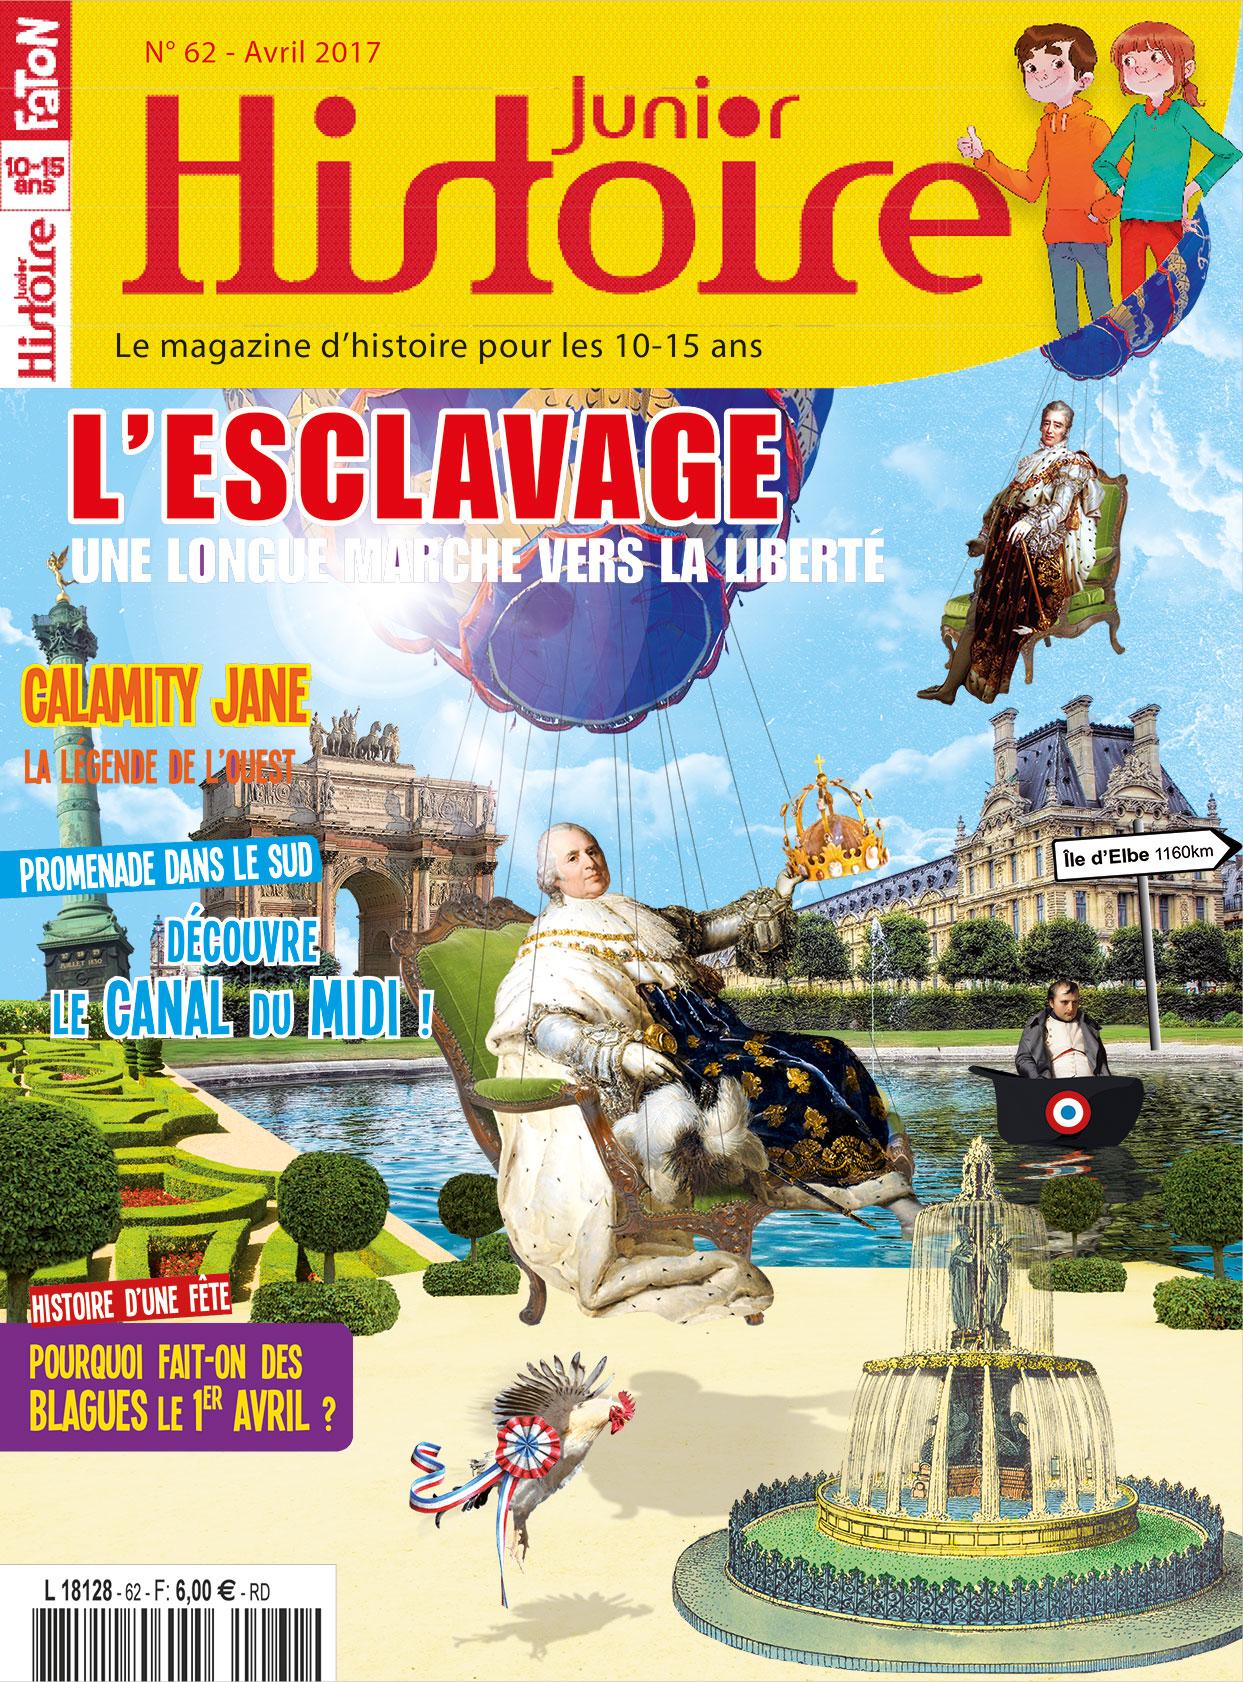 COUVE_histoire_JUNIOR_restauration_2